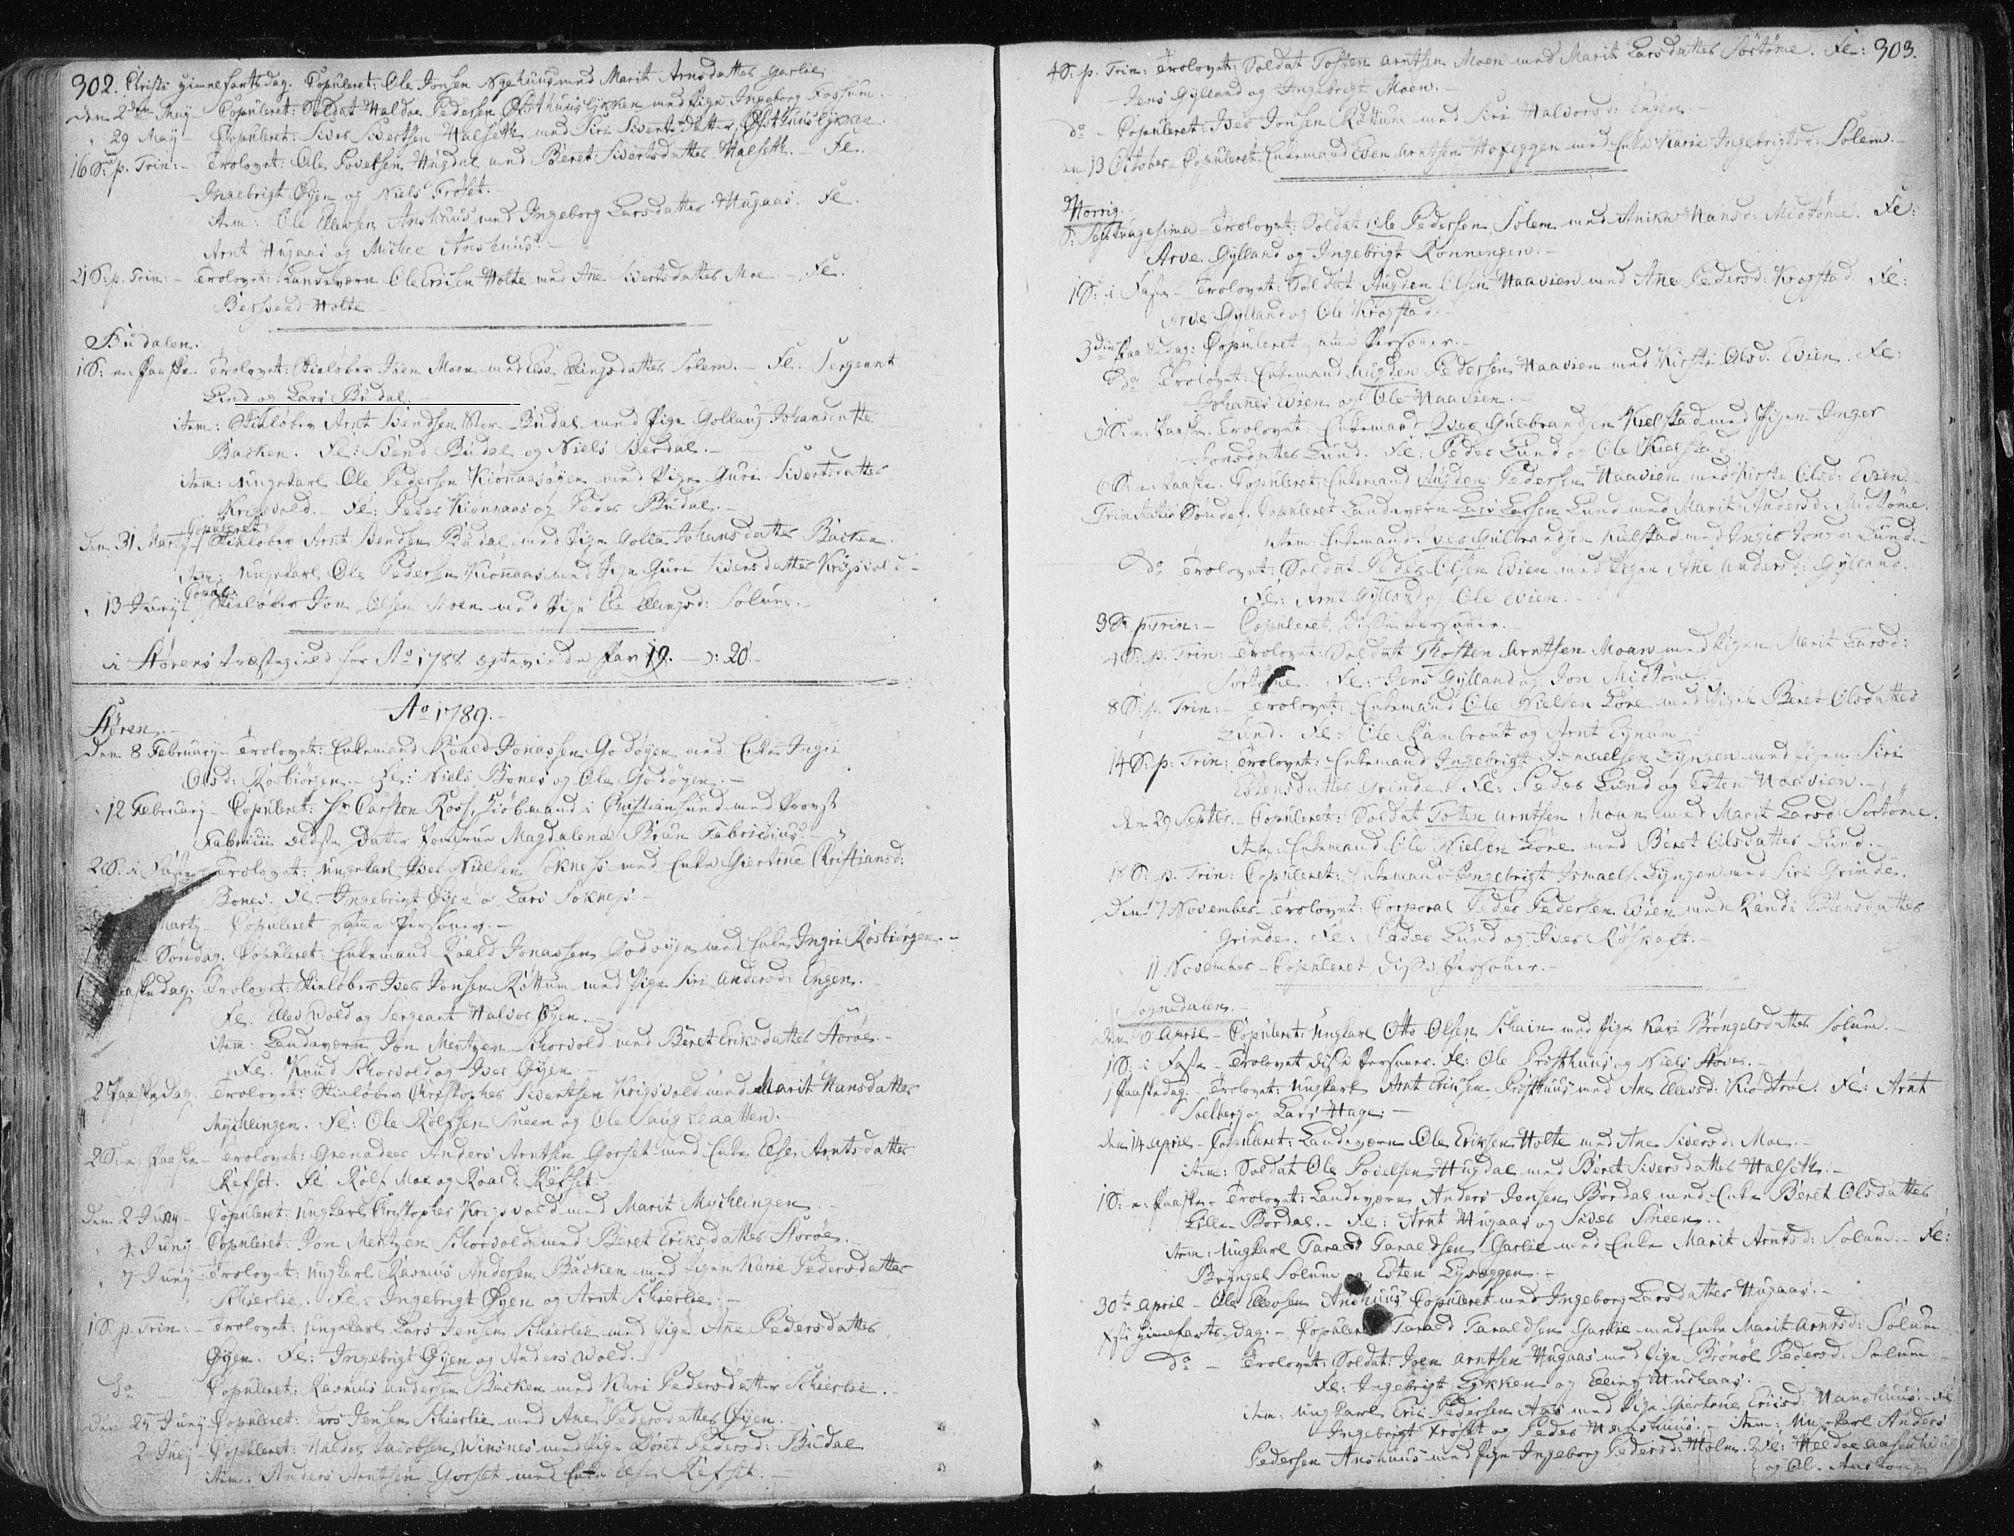 SAT, Ministerialprotokoller, klokkerbøker og fødselsregistre - Sør-Trøndelag, 687/L0992: Ministerialbok nr. 687A03 /1, 1788-1815, s. 302-303